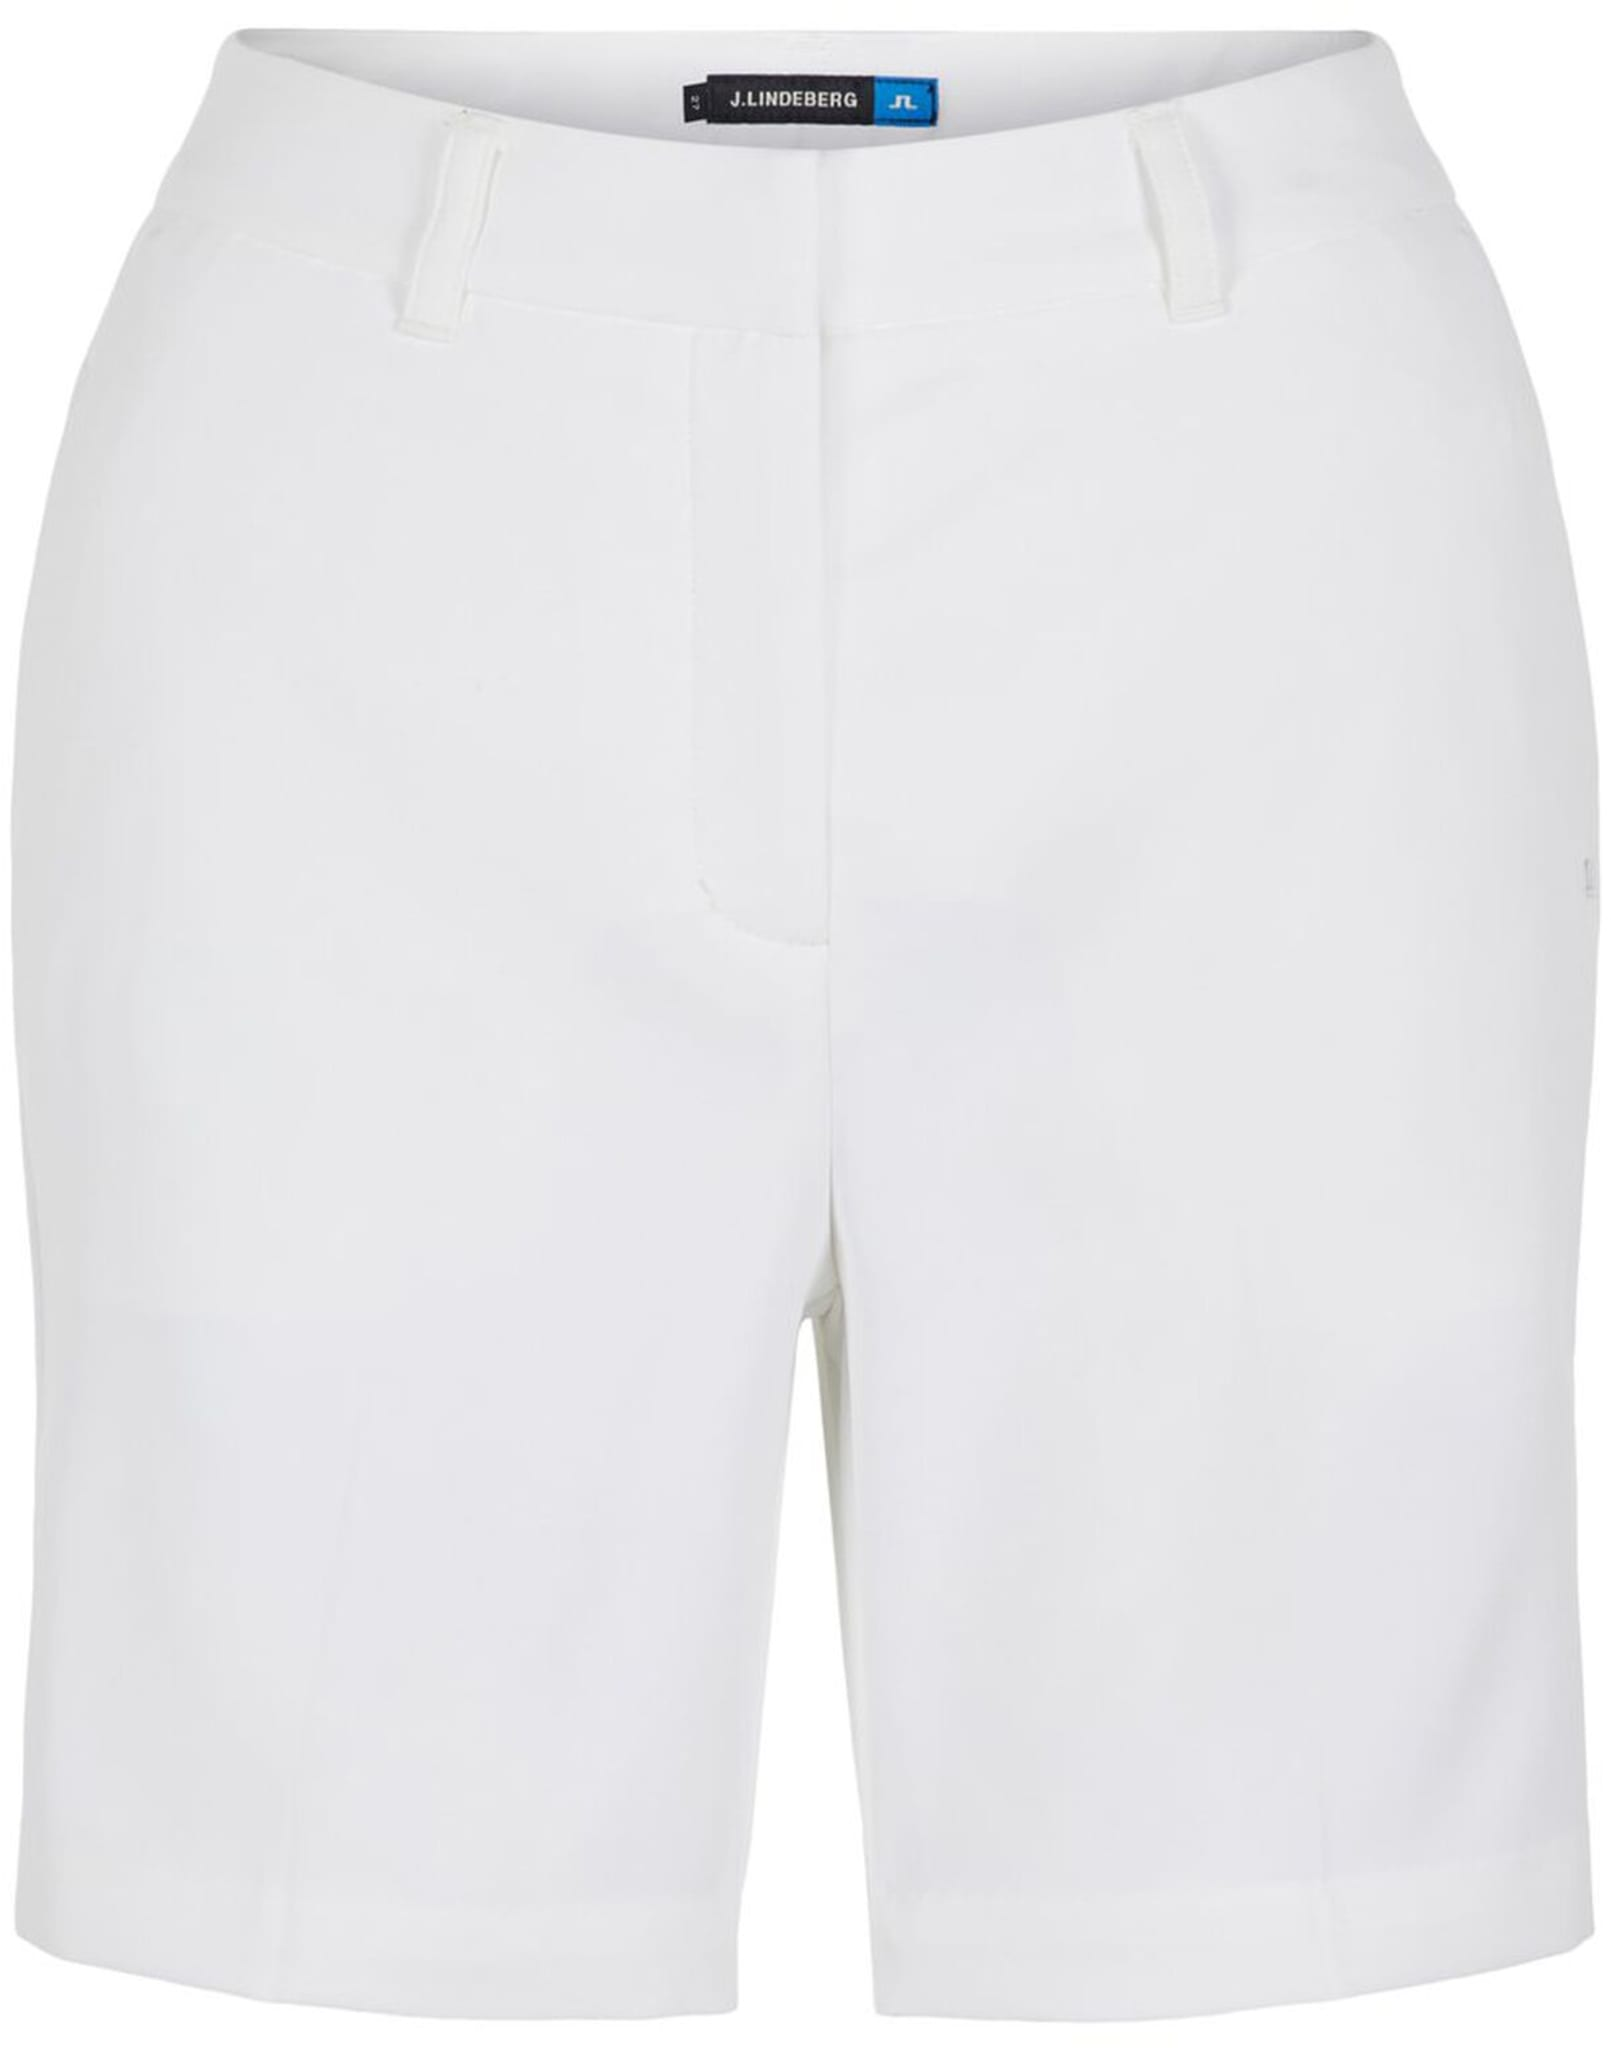 Gwen MicroStretch Shorts